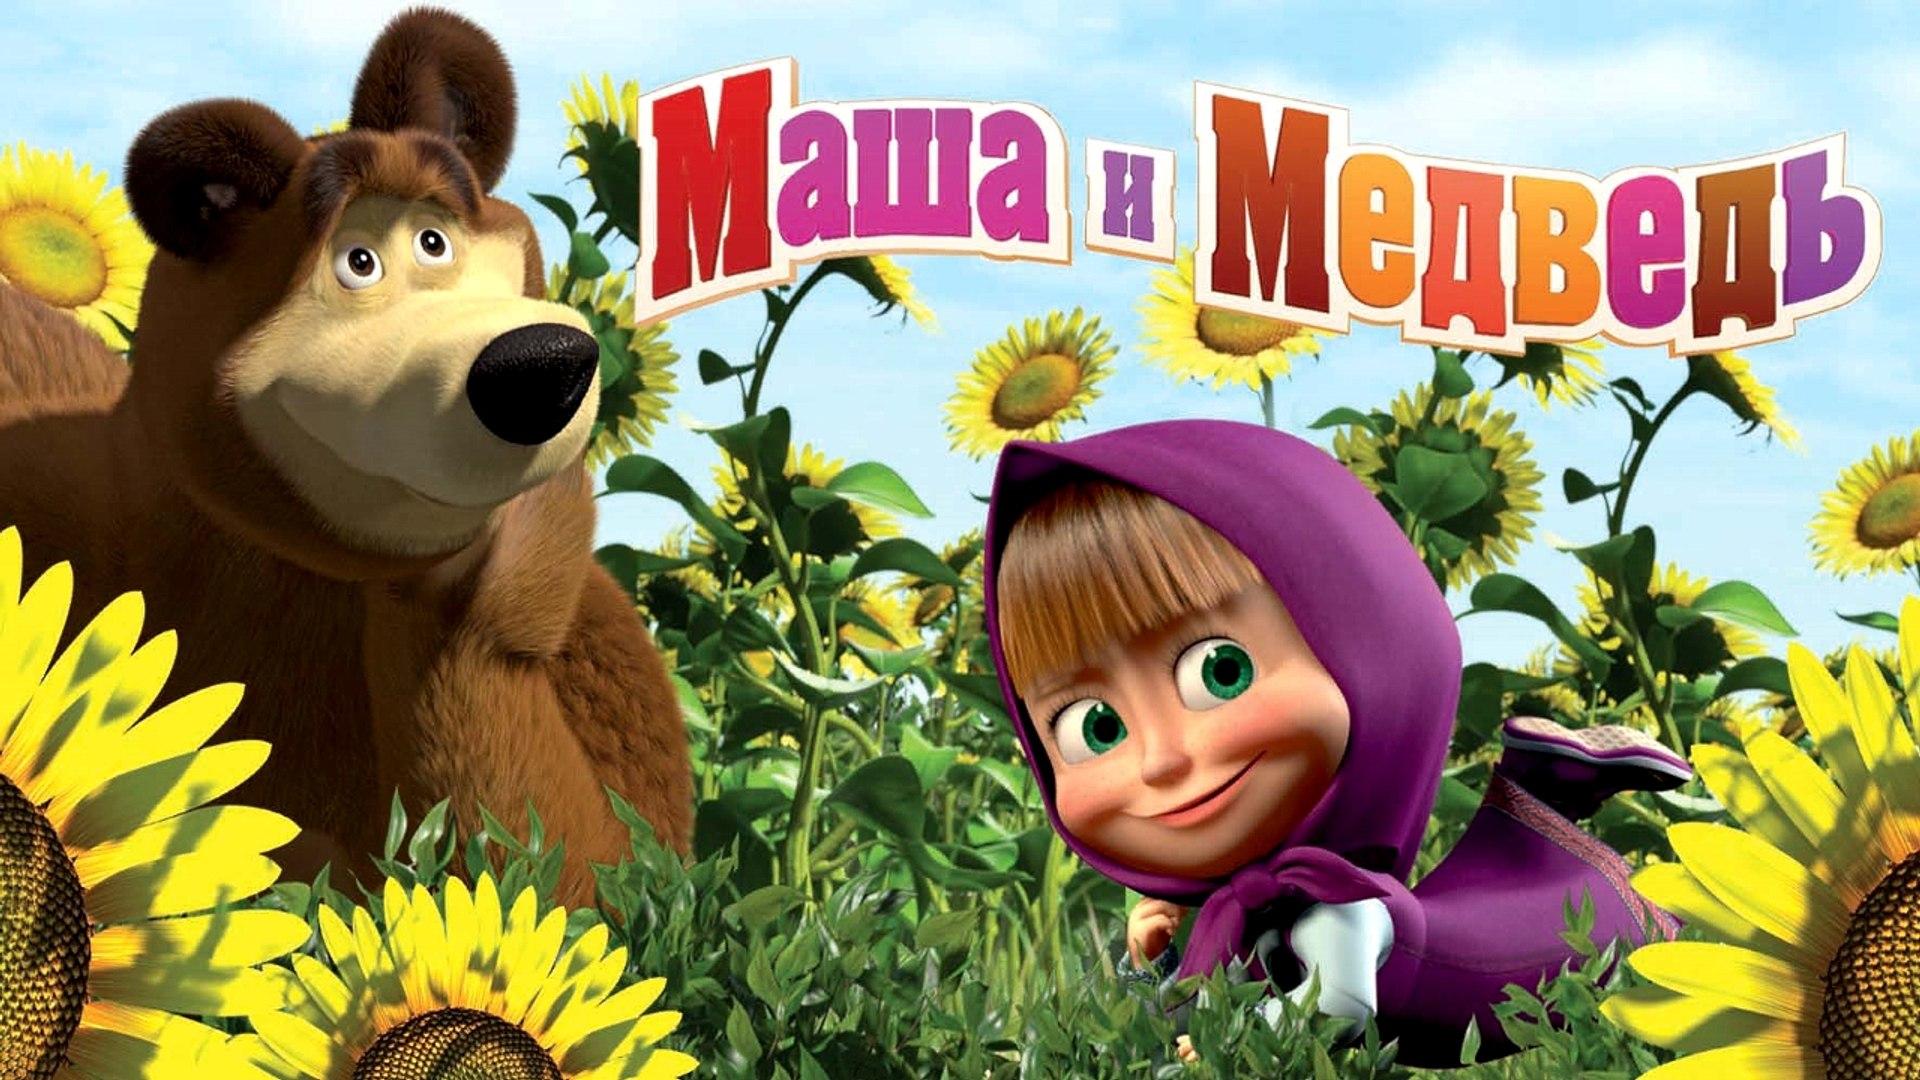 Маша и Медведь. 45 серия. Запутанная история | Masha and the Bear. 45 series. Complicated story